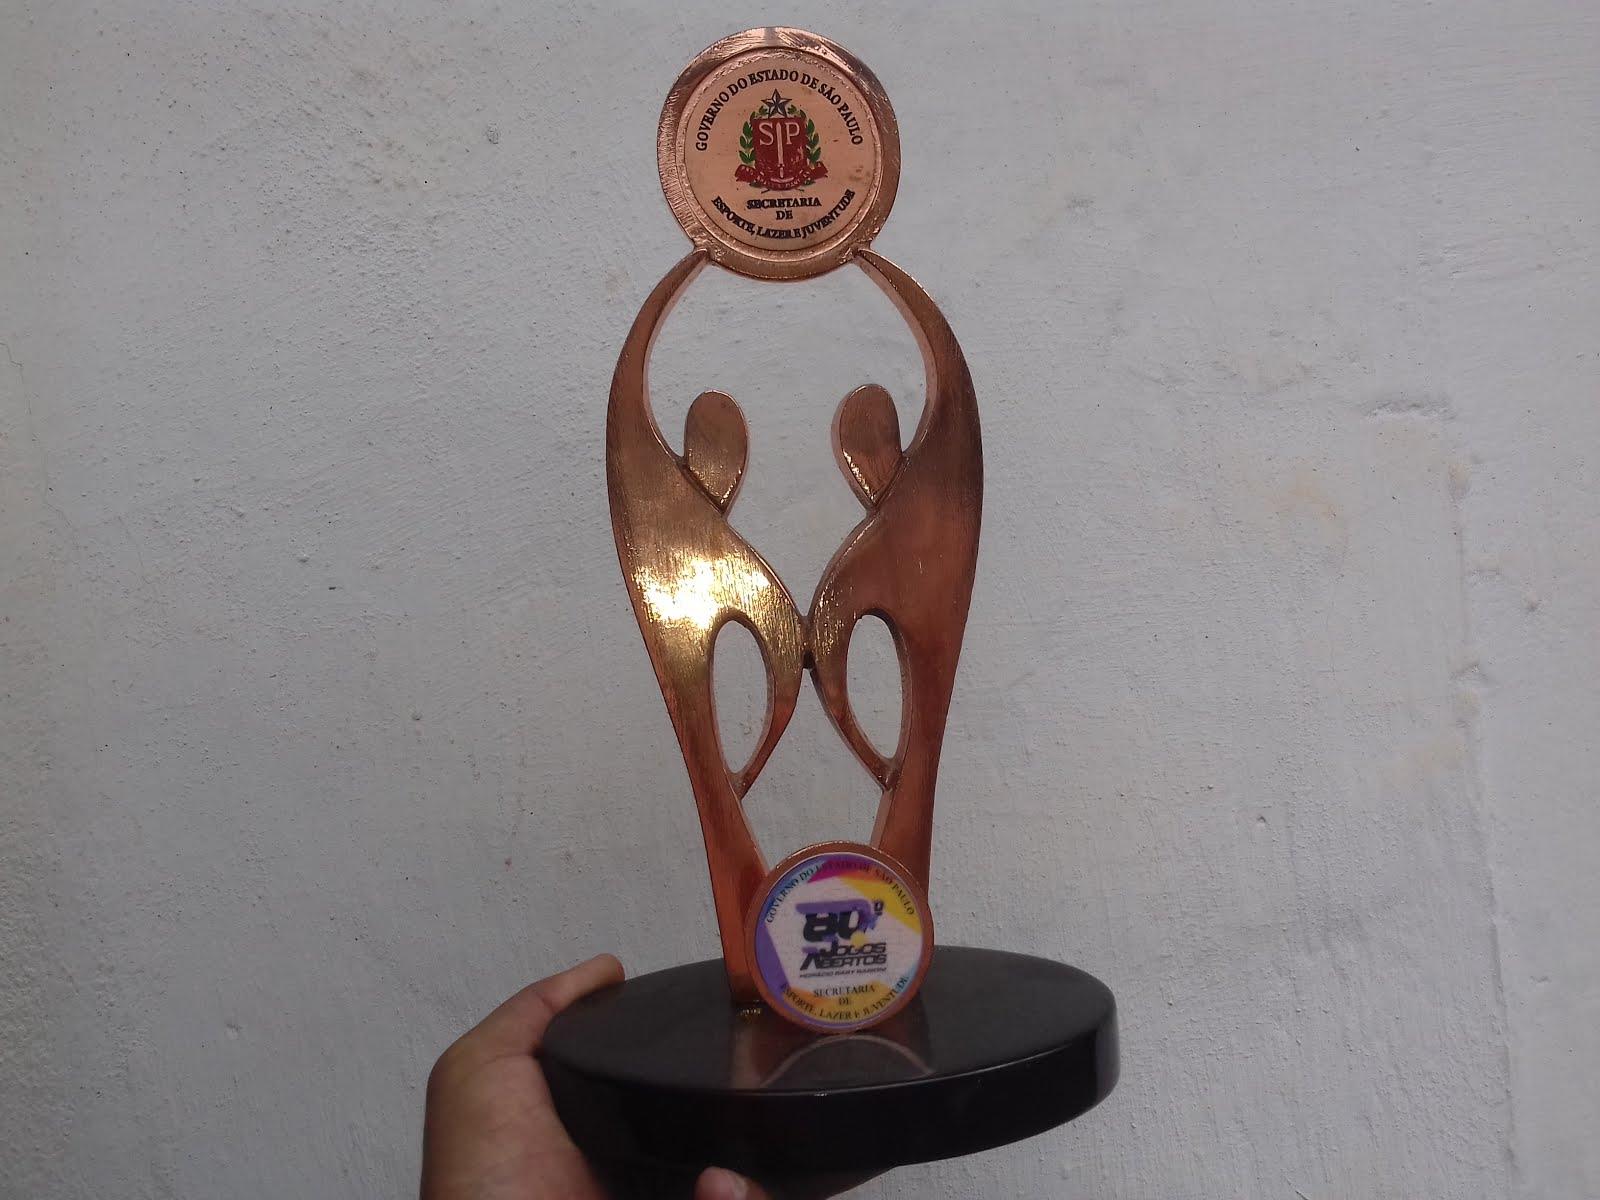 Troféu OURO por equipes UBATUBA nos 80º Jogos Abertos de 2016